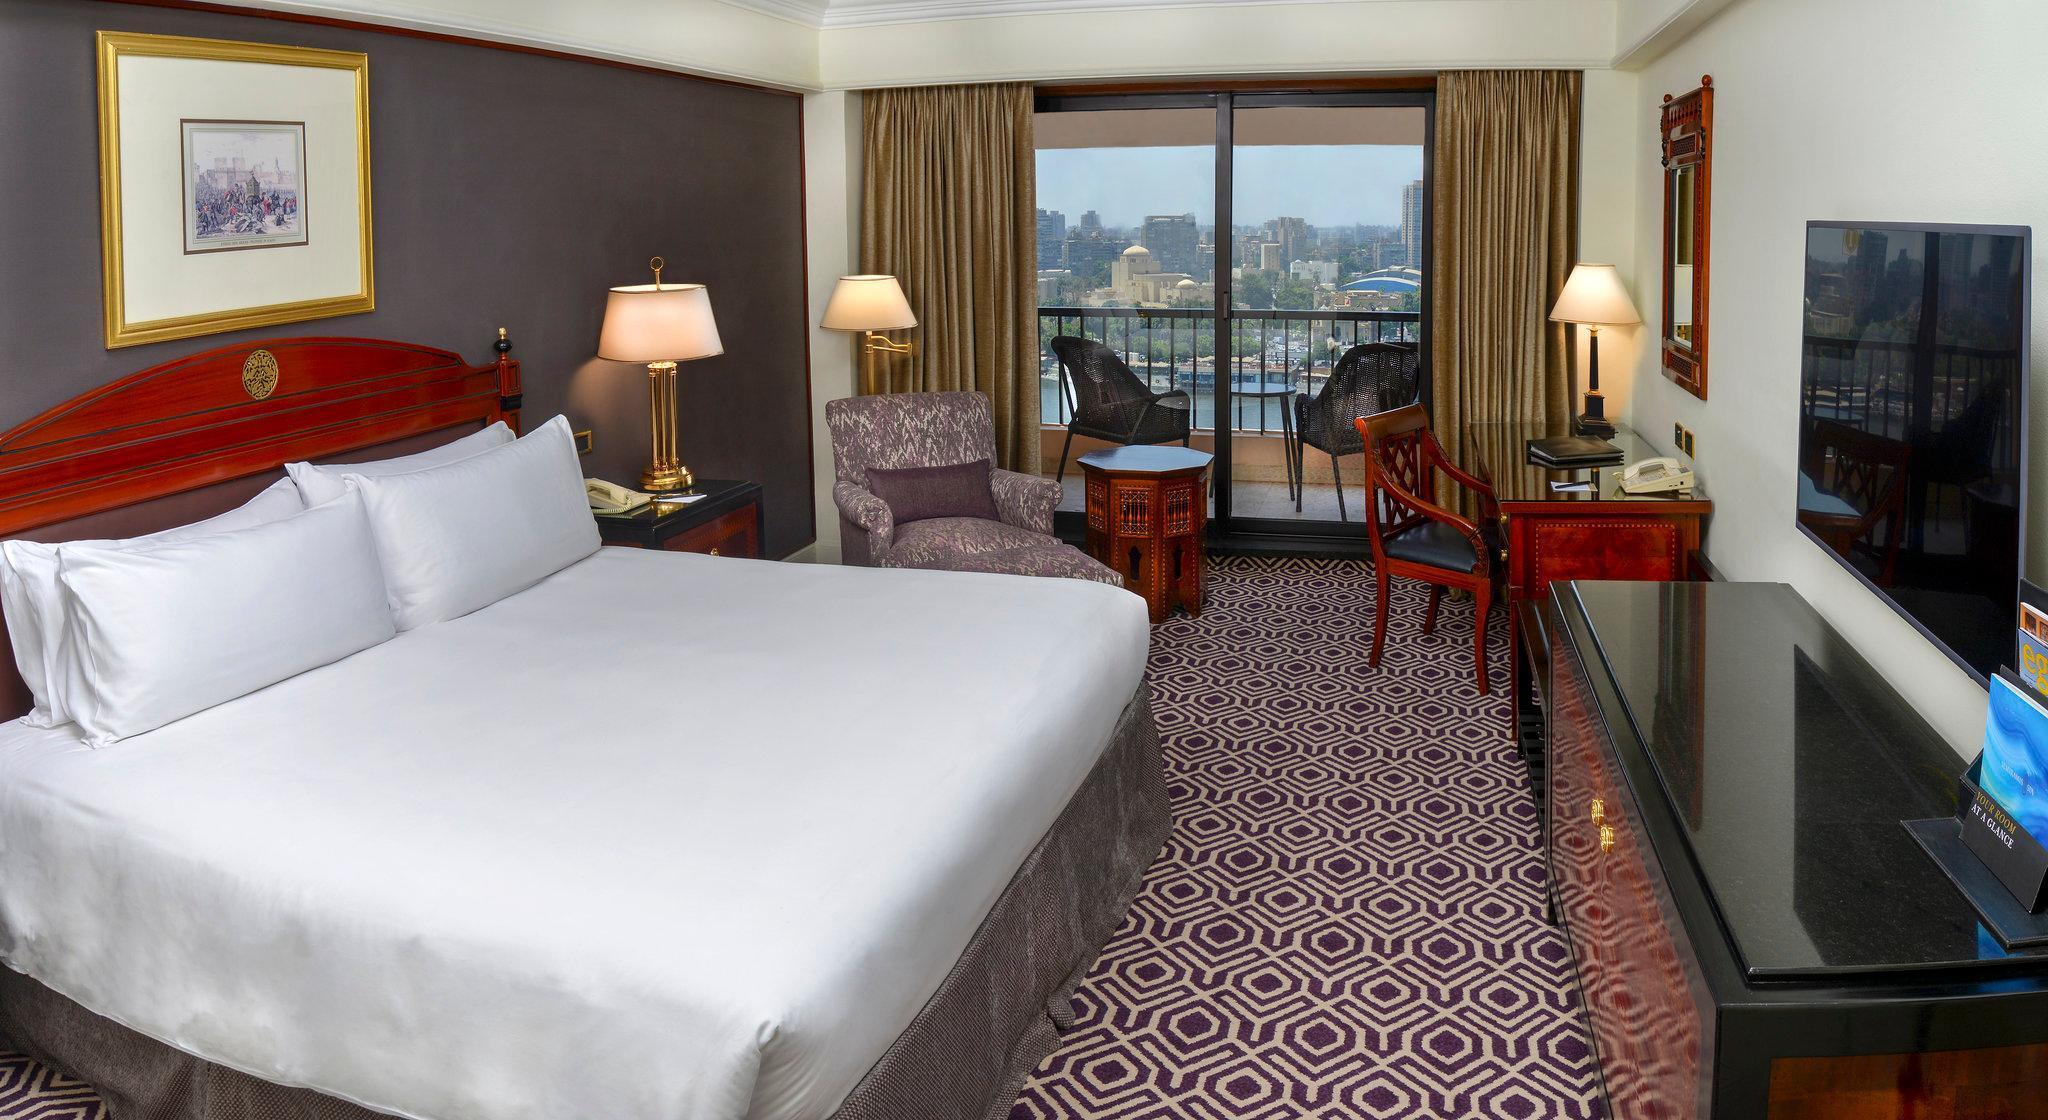 عروض 2020 محدّثة لـفندق إنتركونتيننتال القاهرة سميراميس في القاهرة بأسعار  د.إ 219، صور عالية الدقة وتعليقات حقيقية